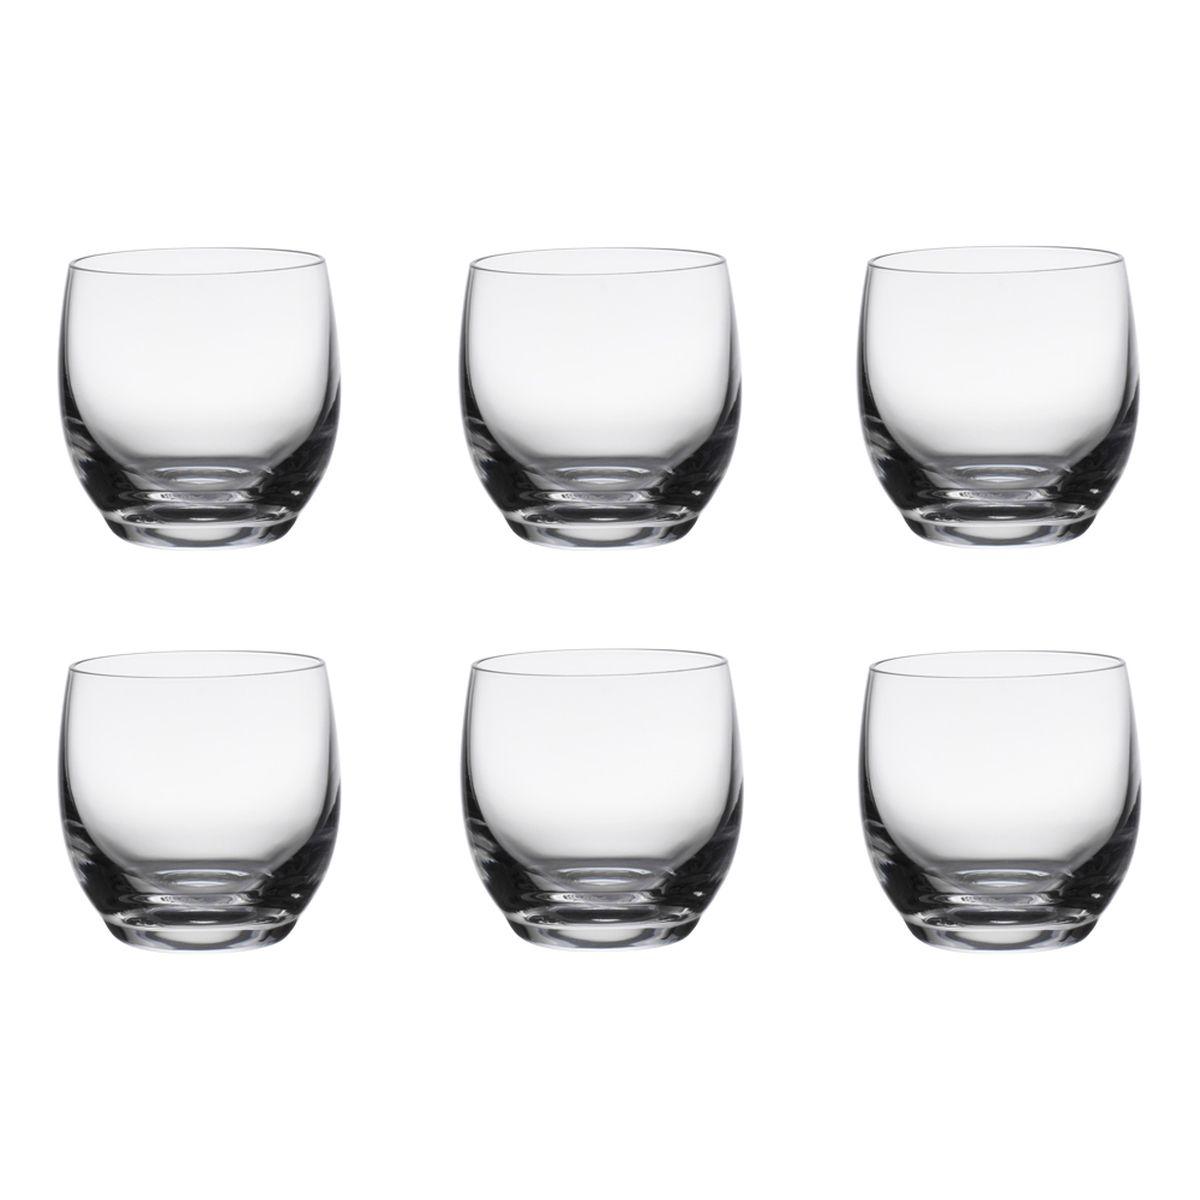 Boite de 6 verrines en verre - Rona